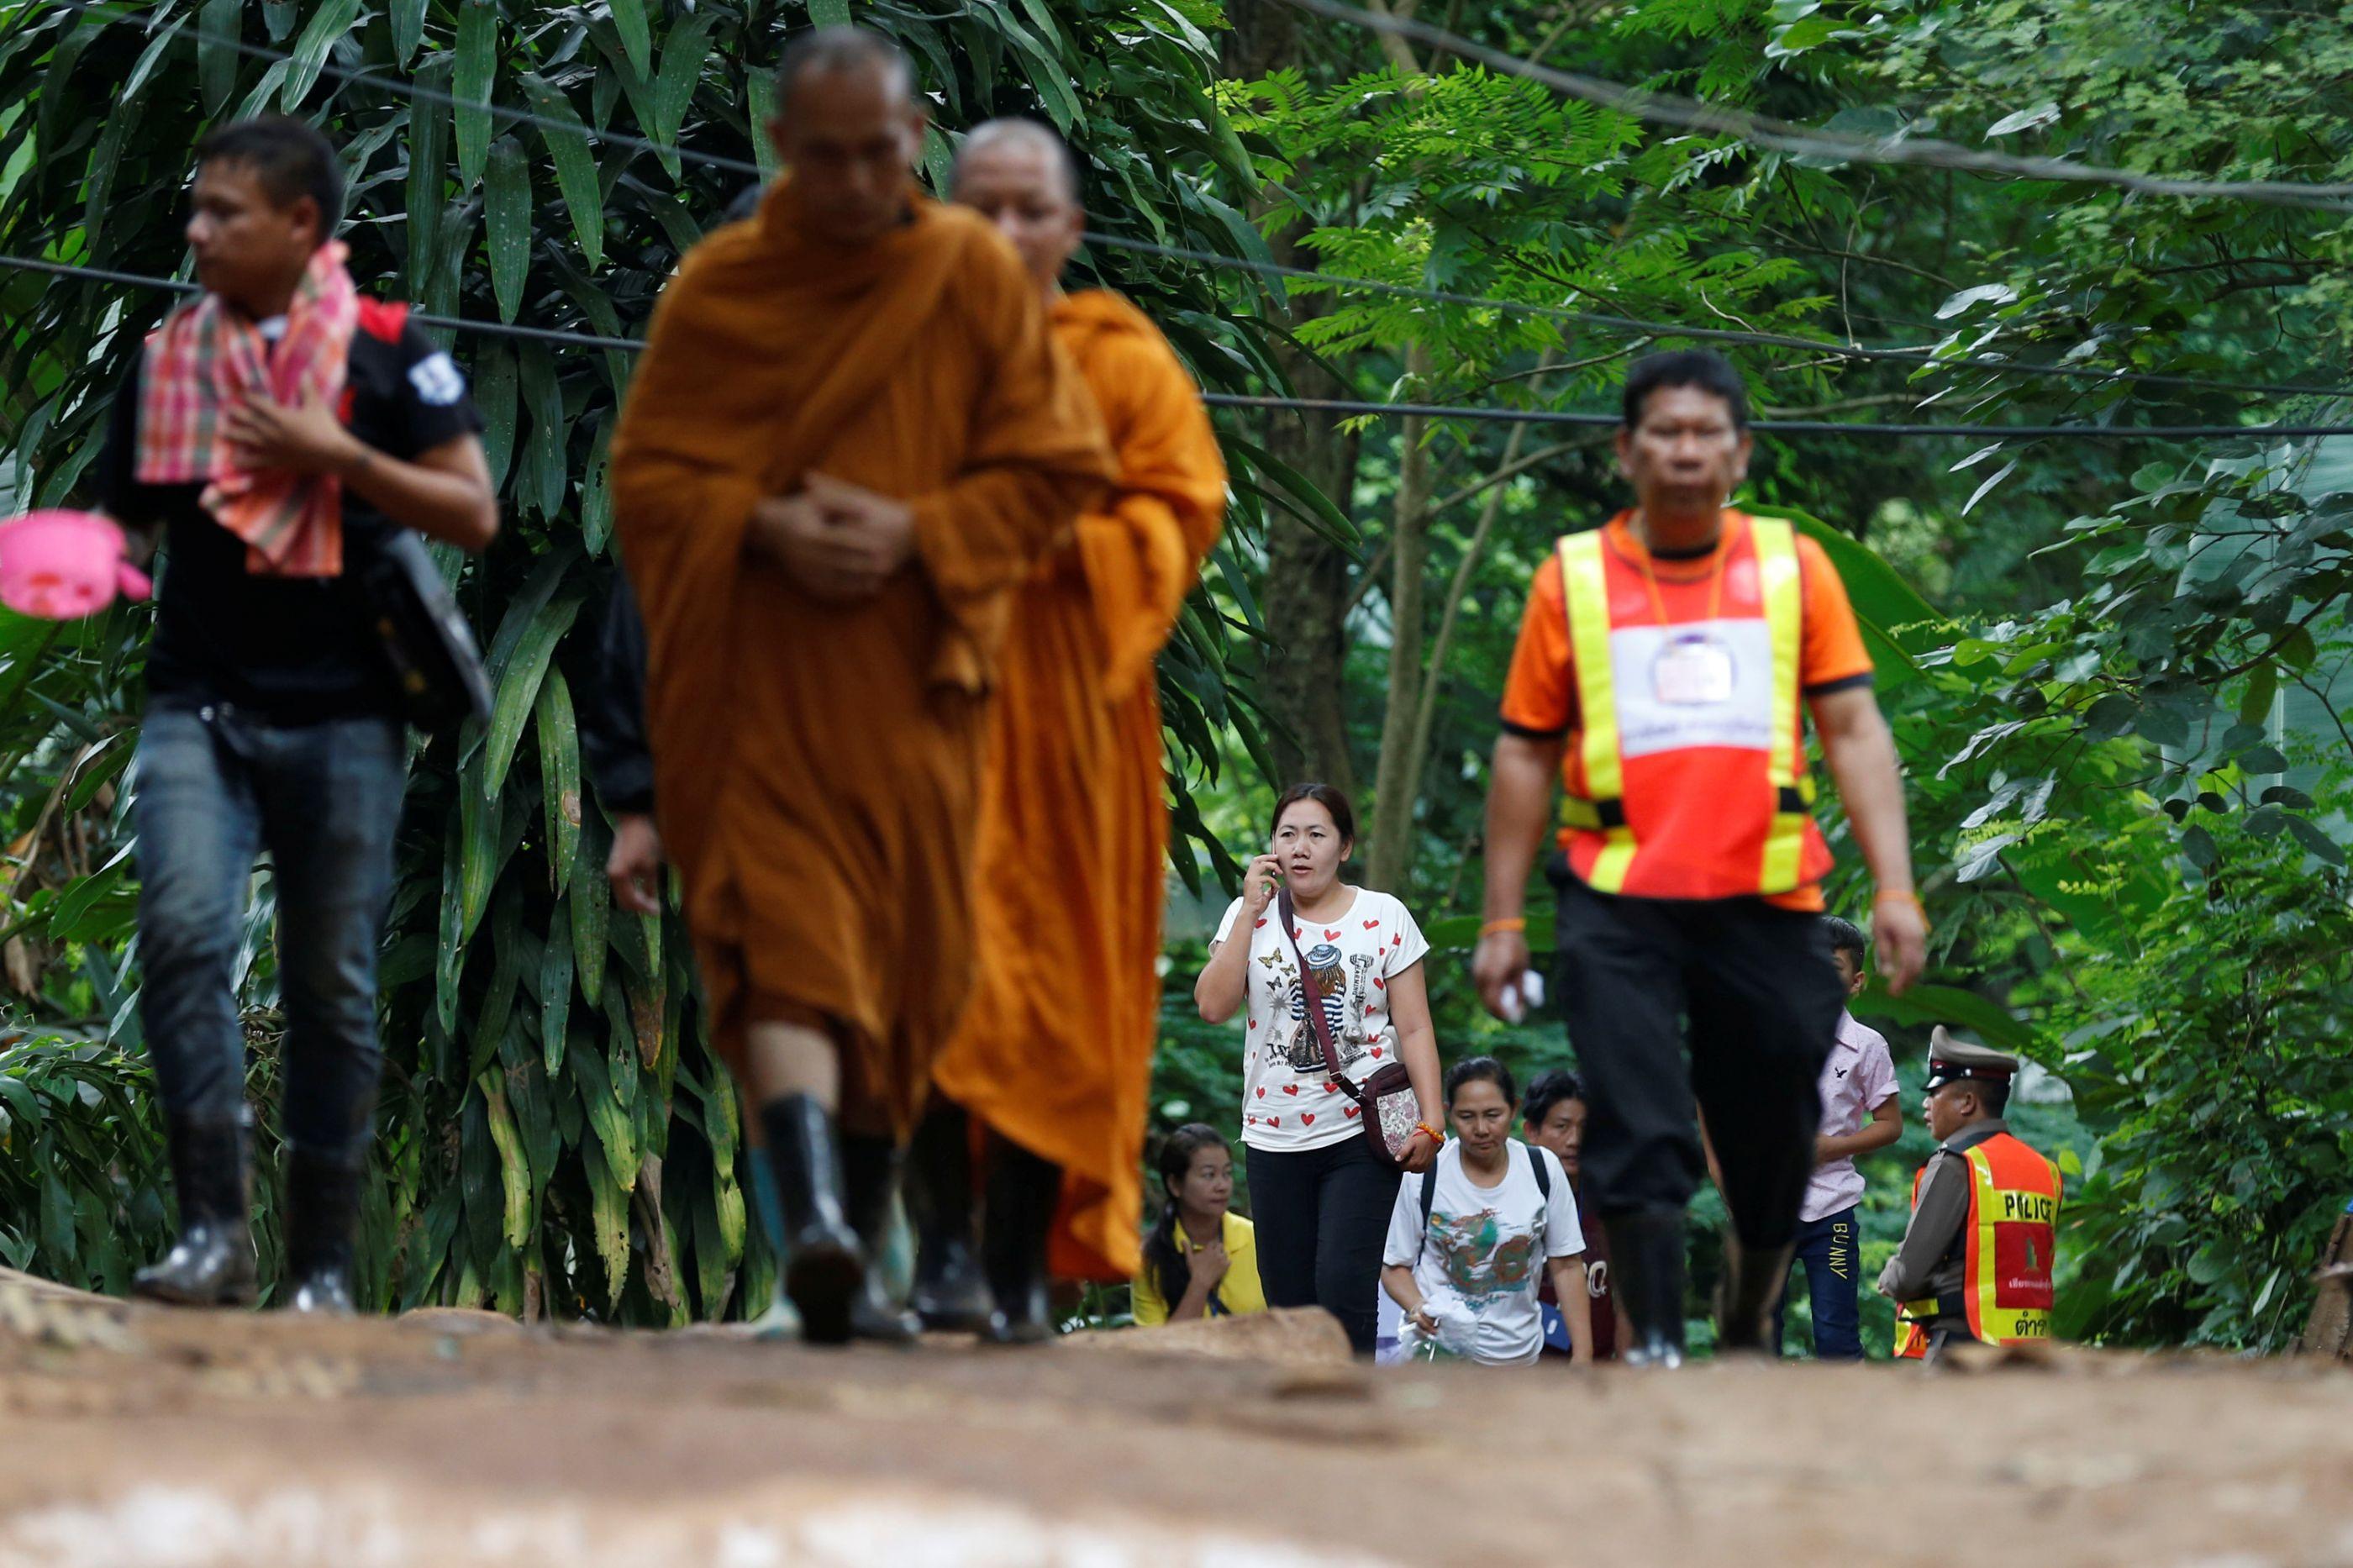 """Monges passaram fronteira para Tailândia para """"enviar energia holística"""""""